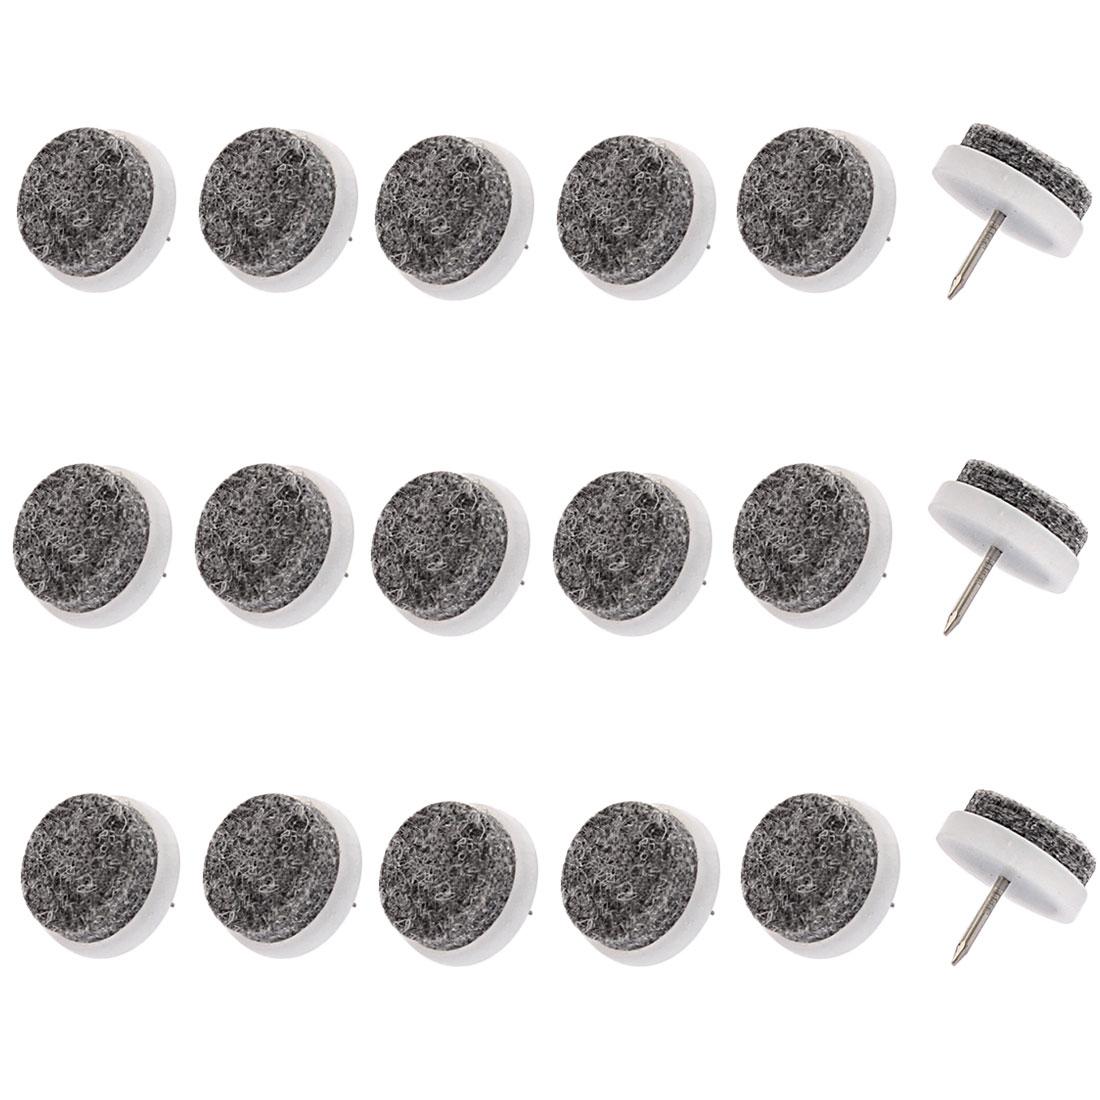 Furniture Round Felt Pads Nail Protectors 24mm Dia 18PCS